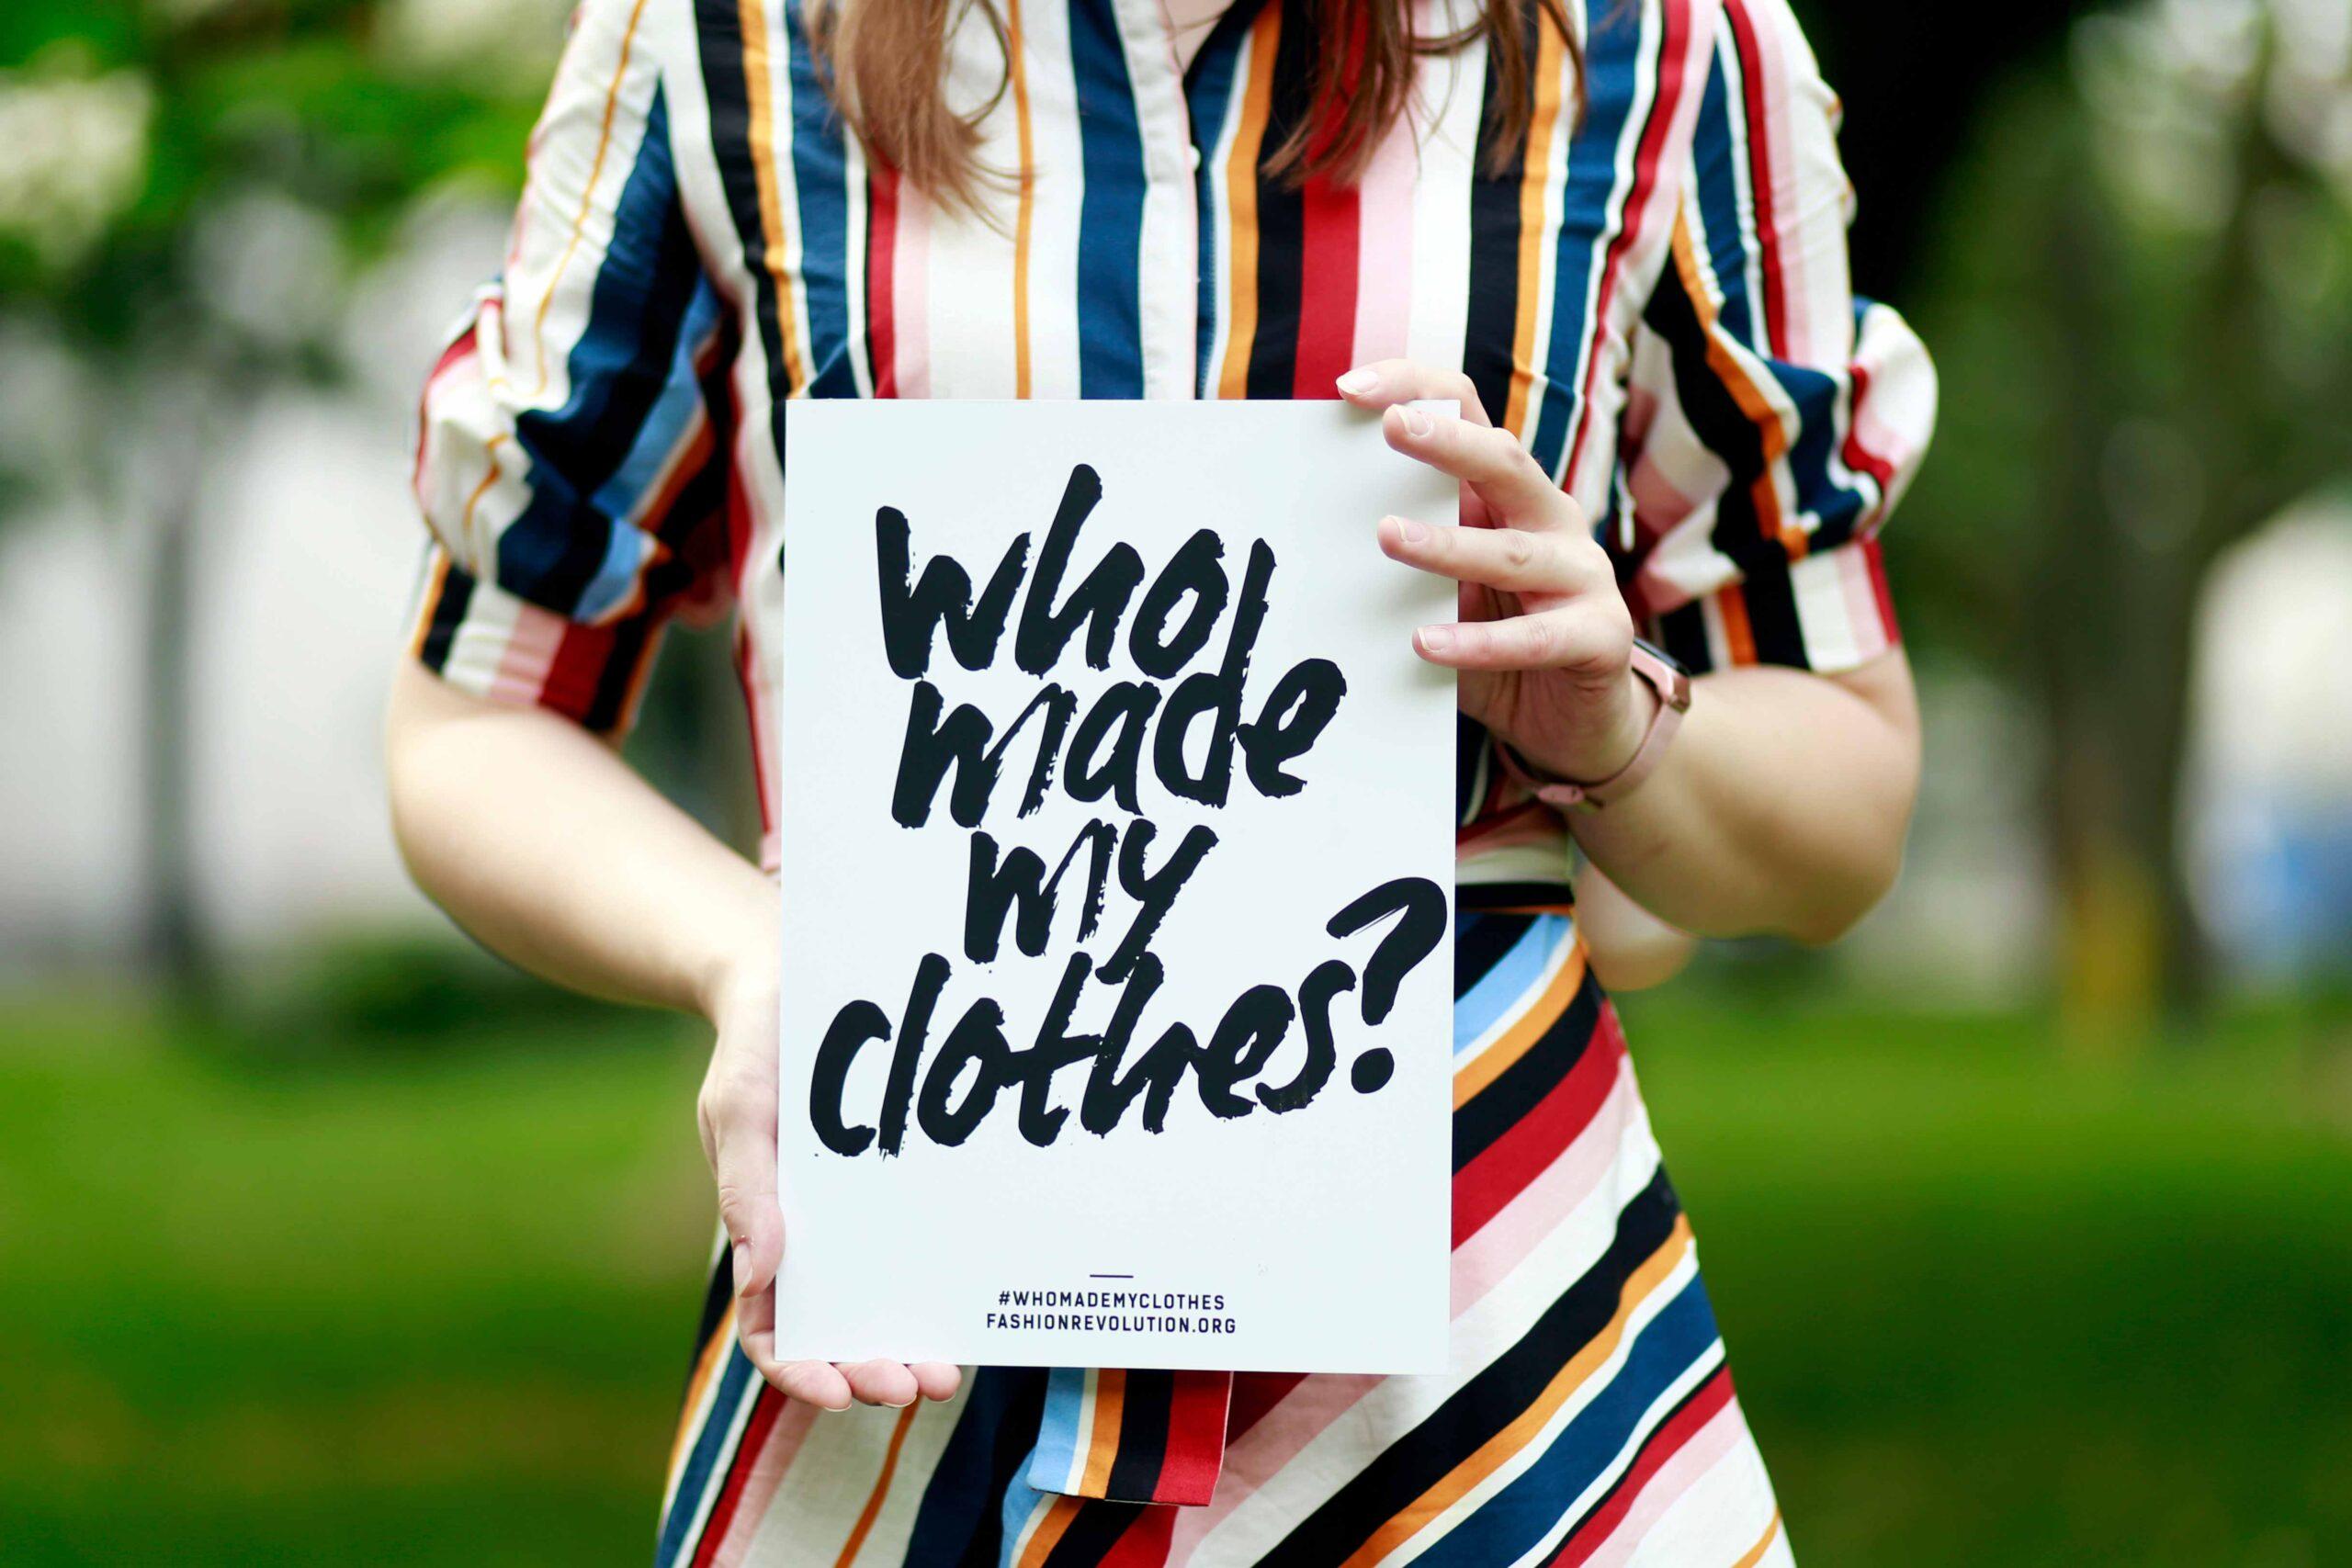 Slow fashion vládne módnímu průmyslu